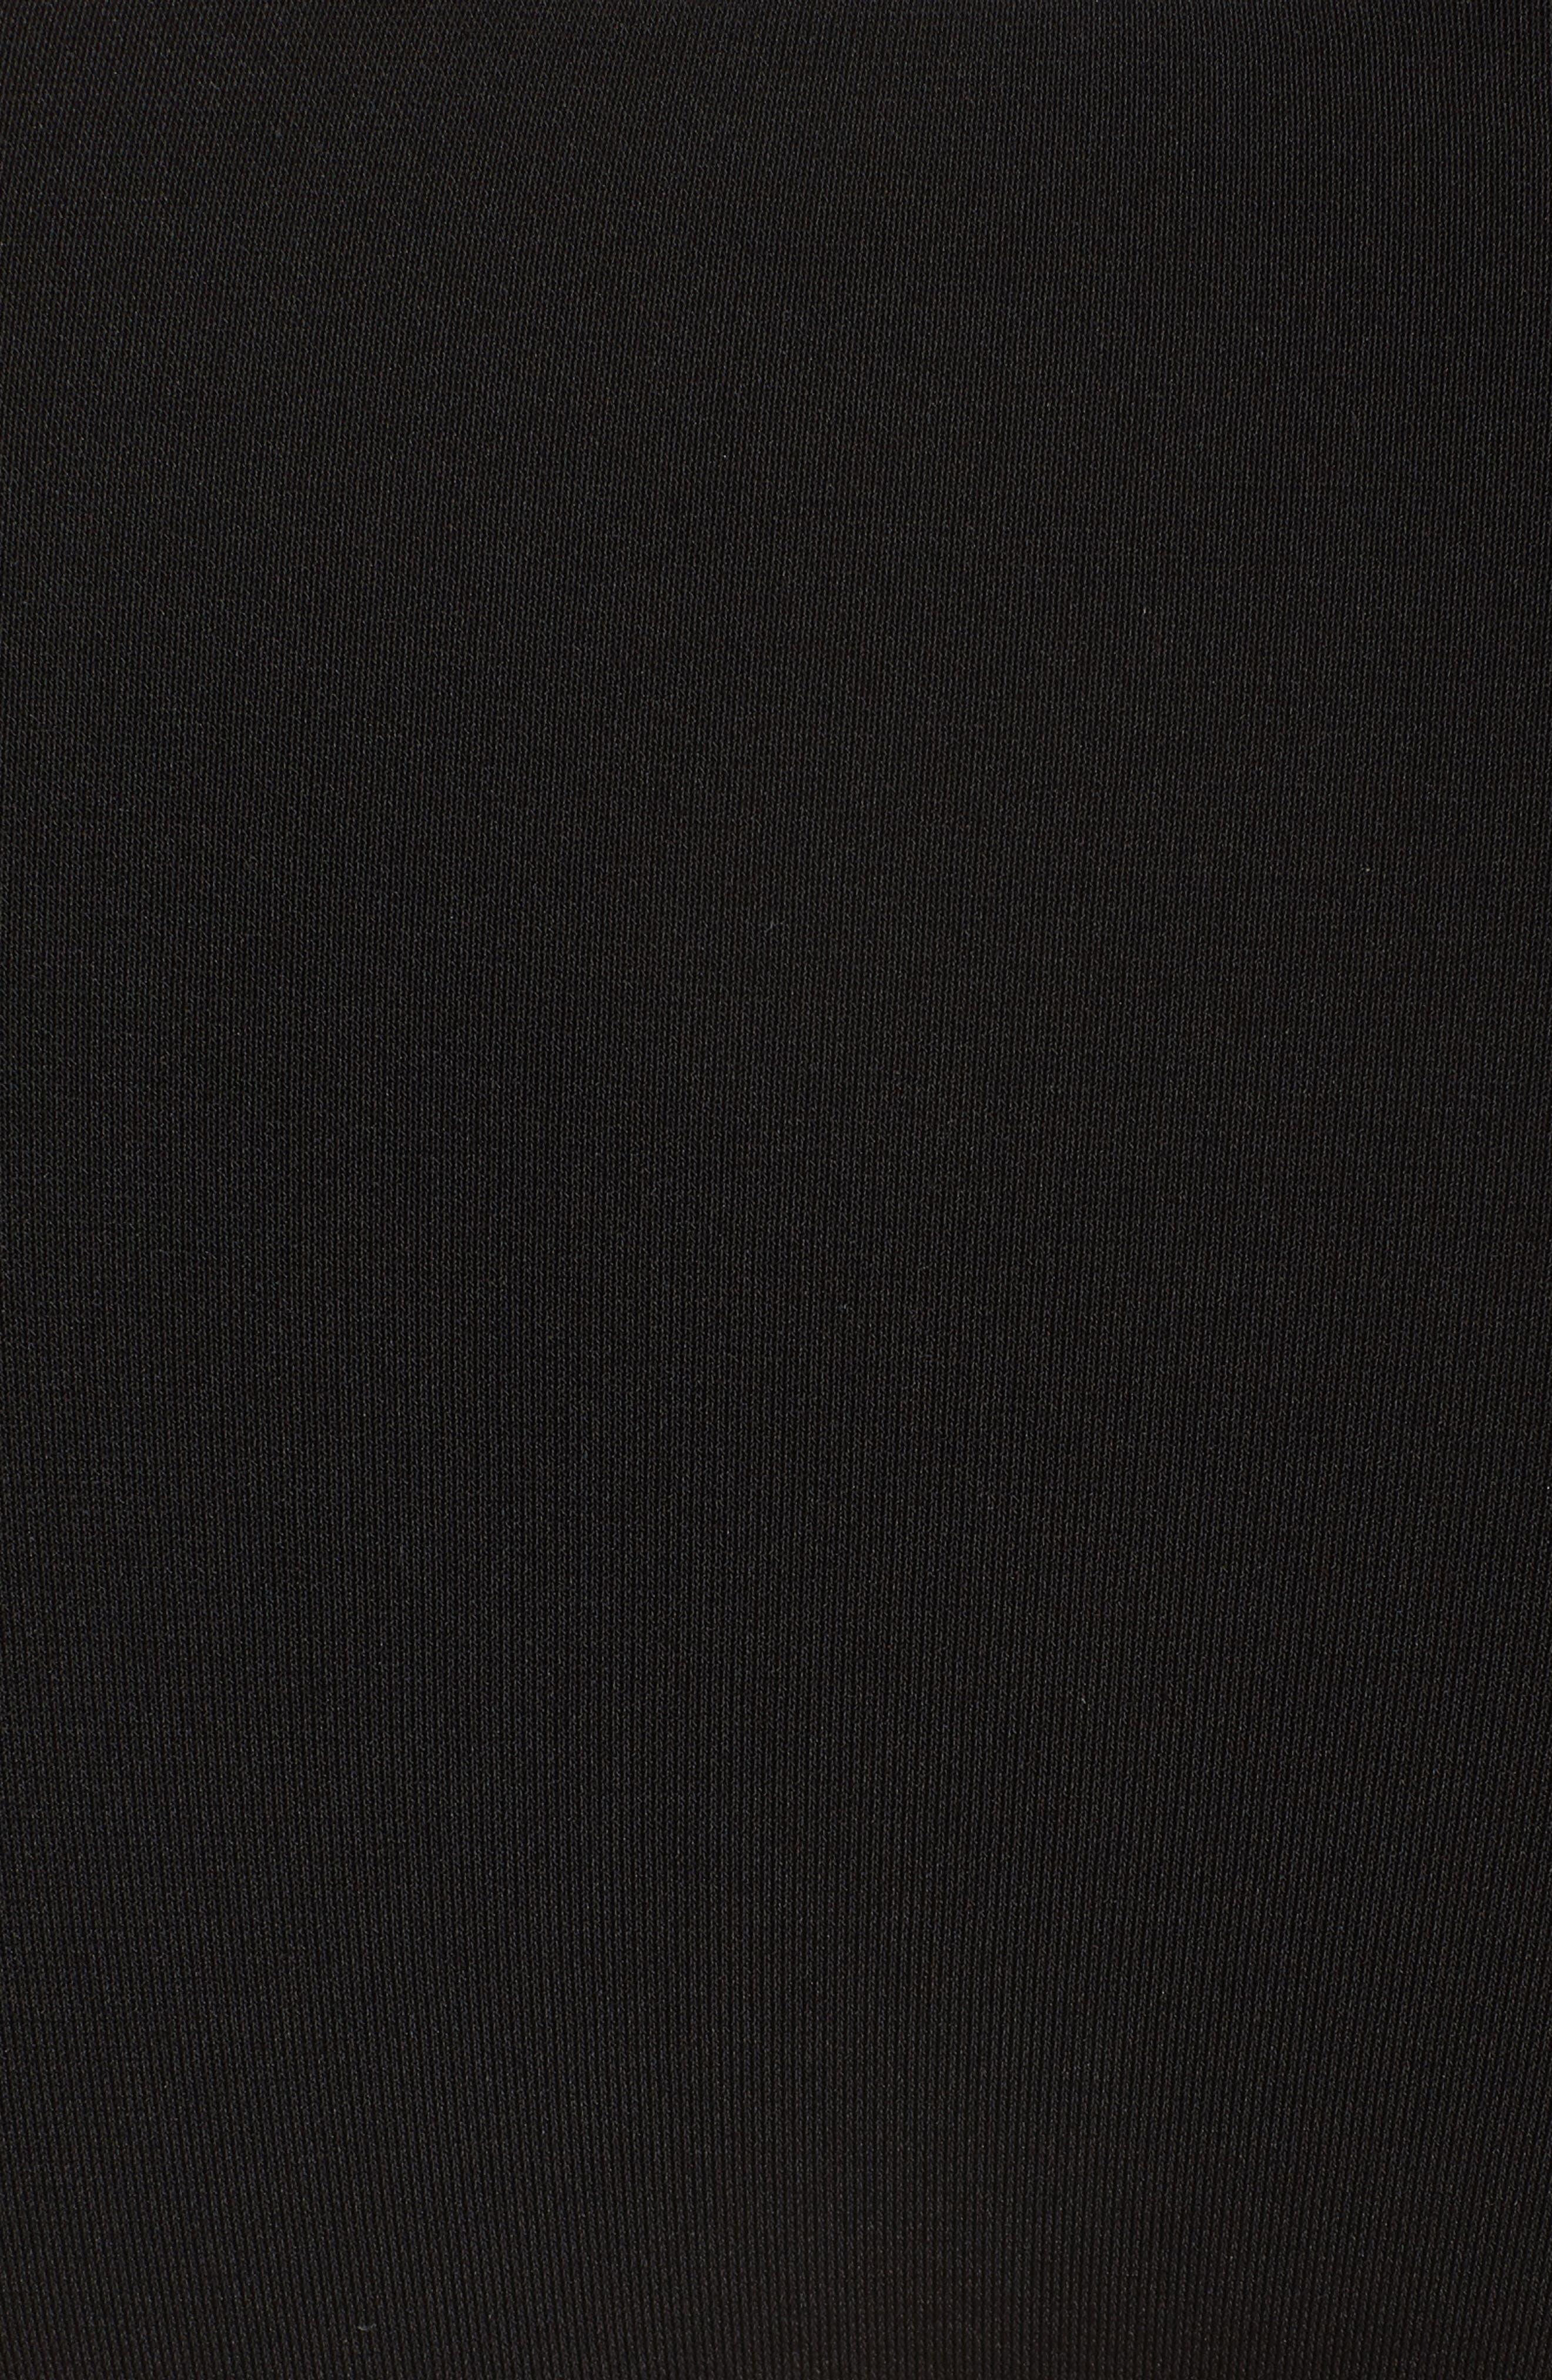 Lina Ruffle Bikini Bottoms,                             Alternate thumbnail 5, color,                             BLACK